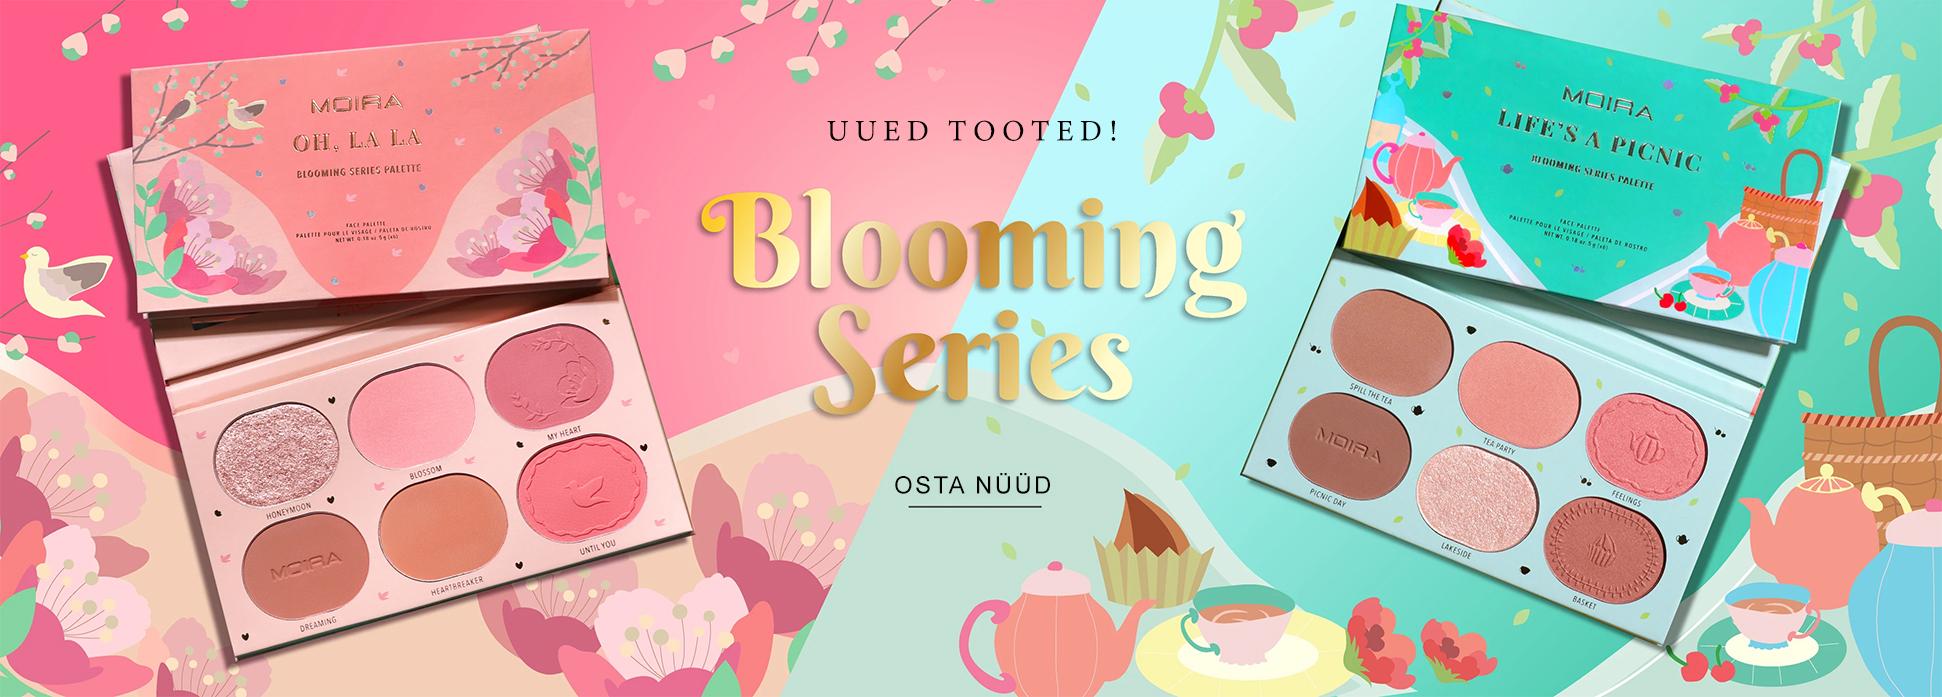 MOIRA Blooming Series Banner